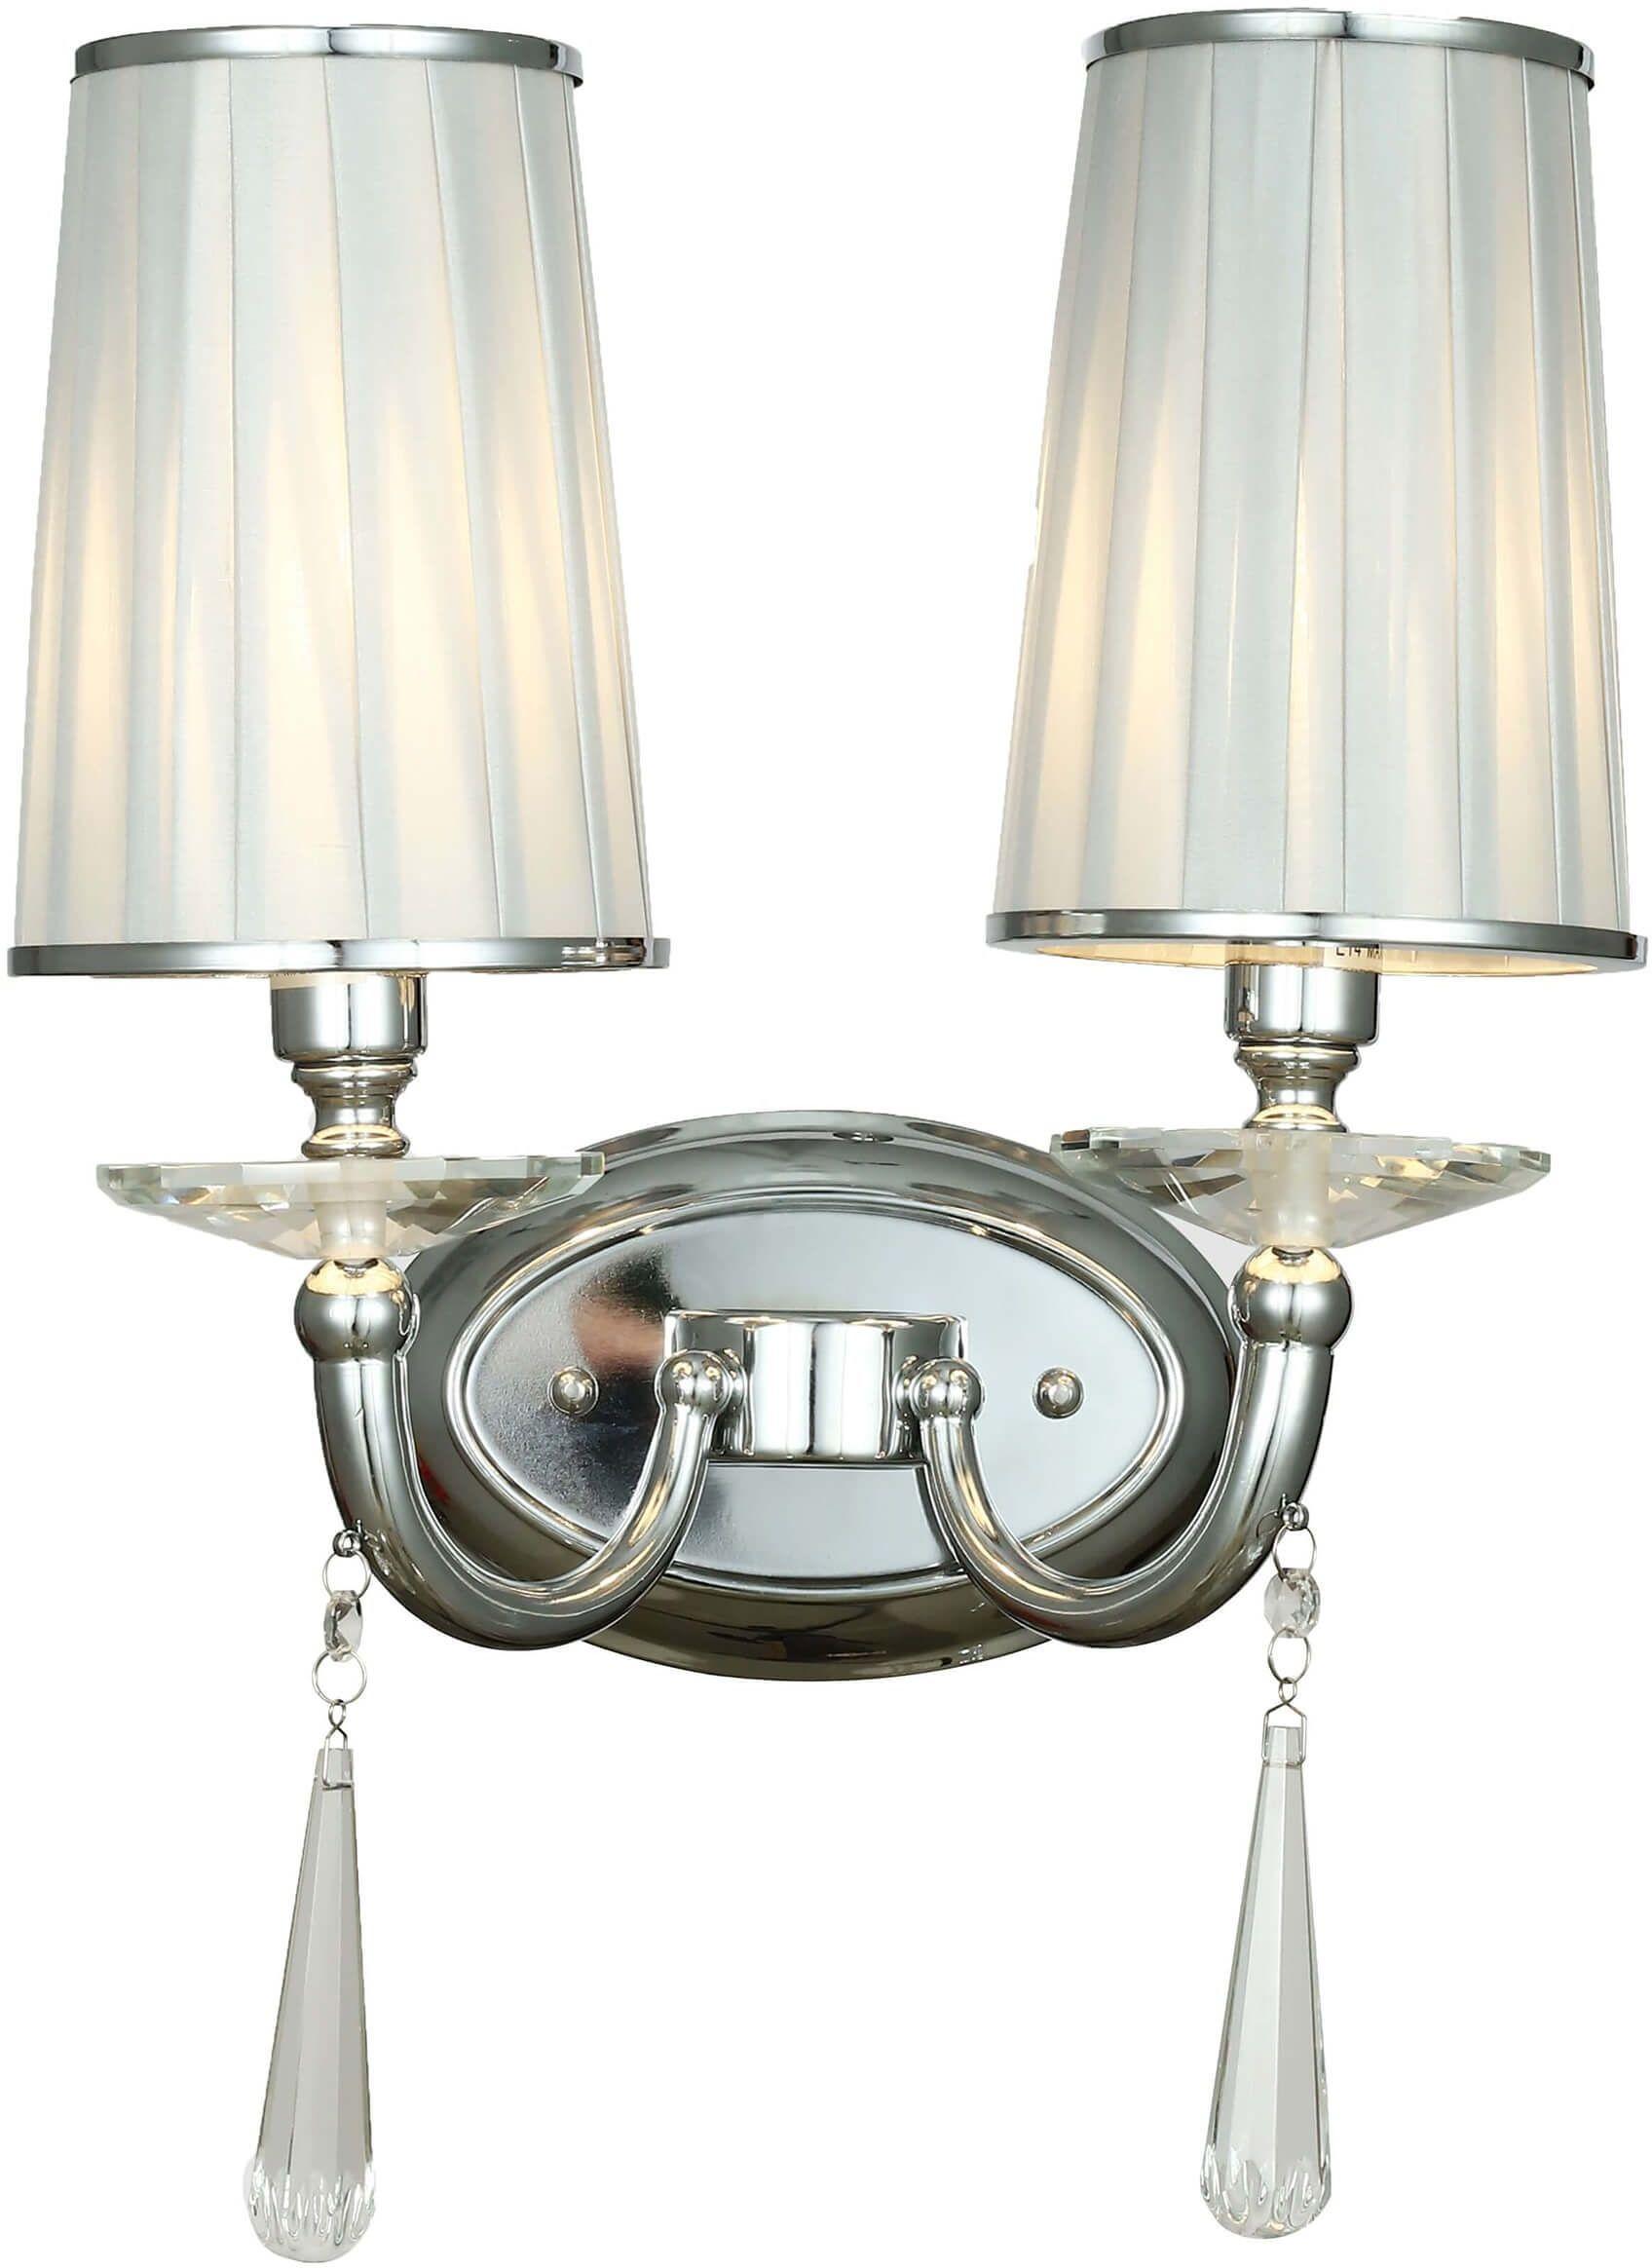 LAMPA ŚCIENNA KINKIET CHROMOWANY FABIONE W2